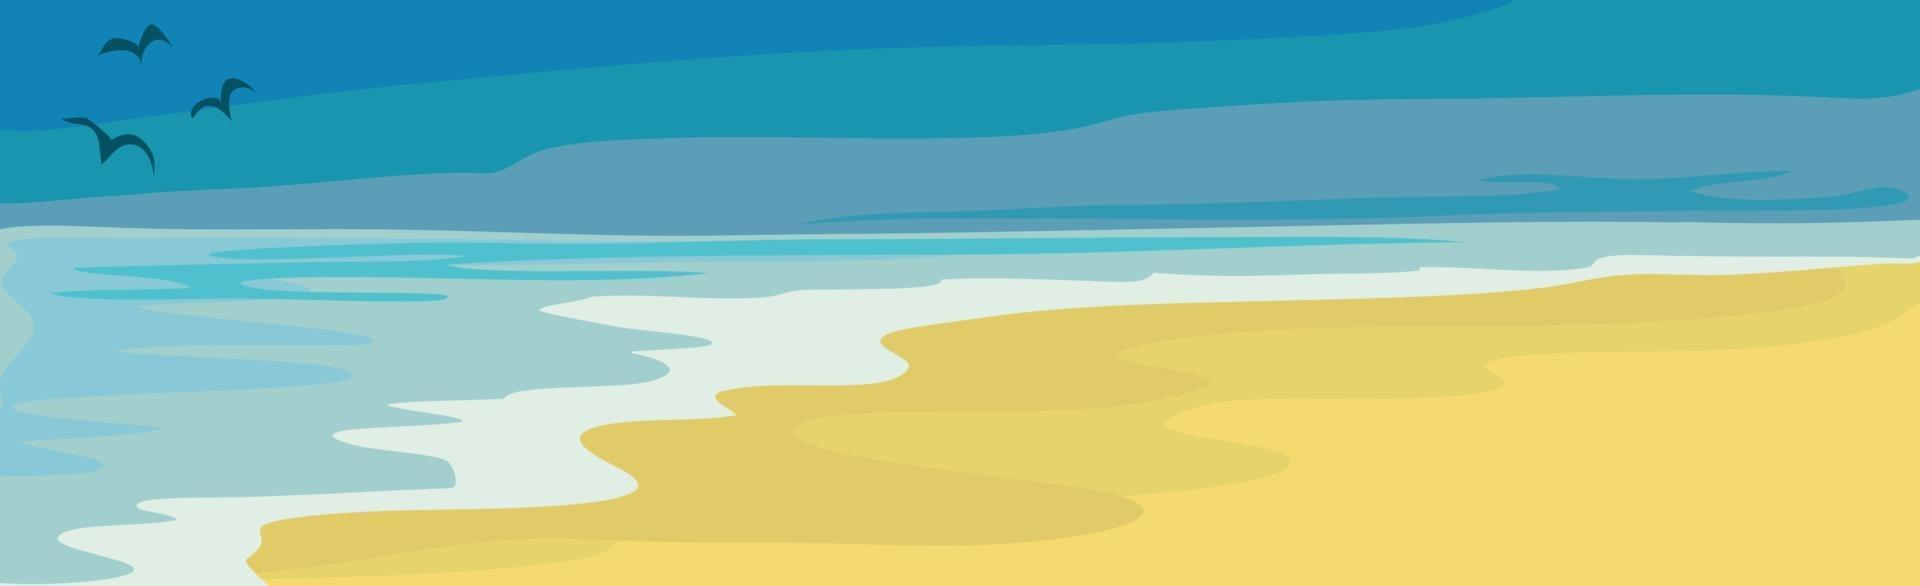 illustration solig sandstrand och blått hav vektor